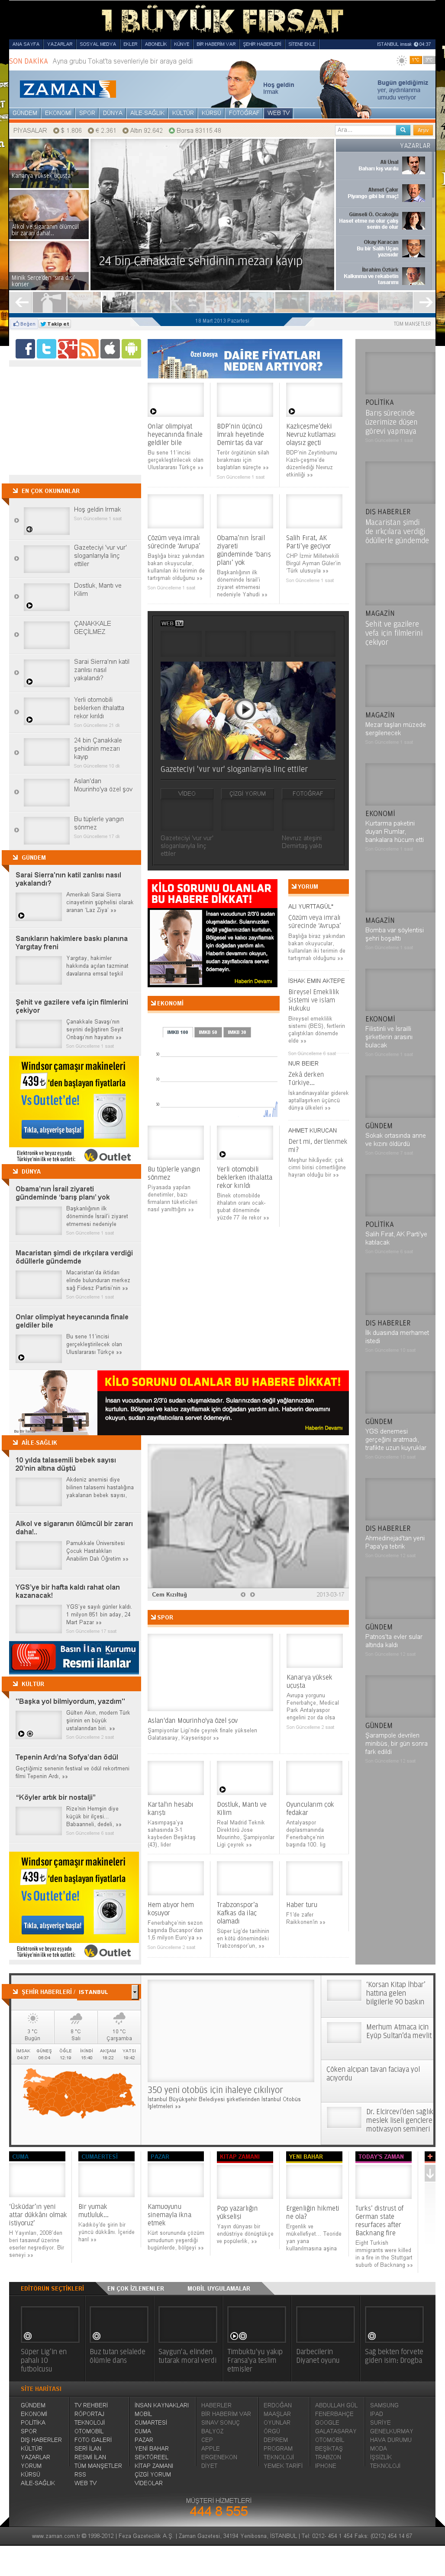 Zaman Online at Monday March 18, 2013, 2:32 a.m. UTC